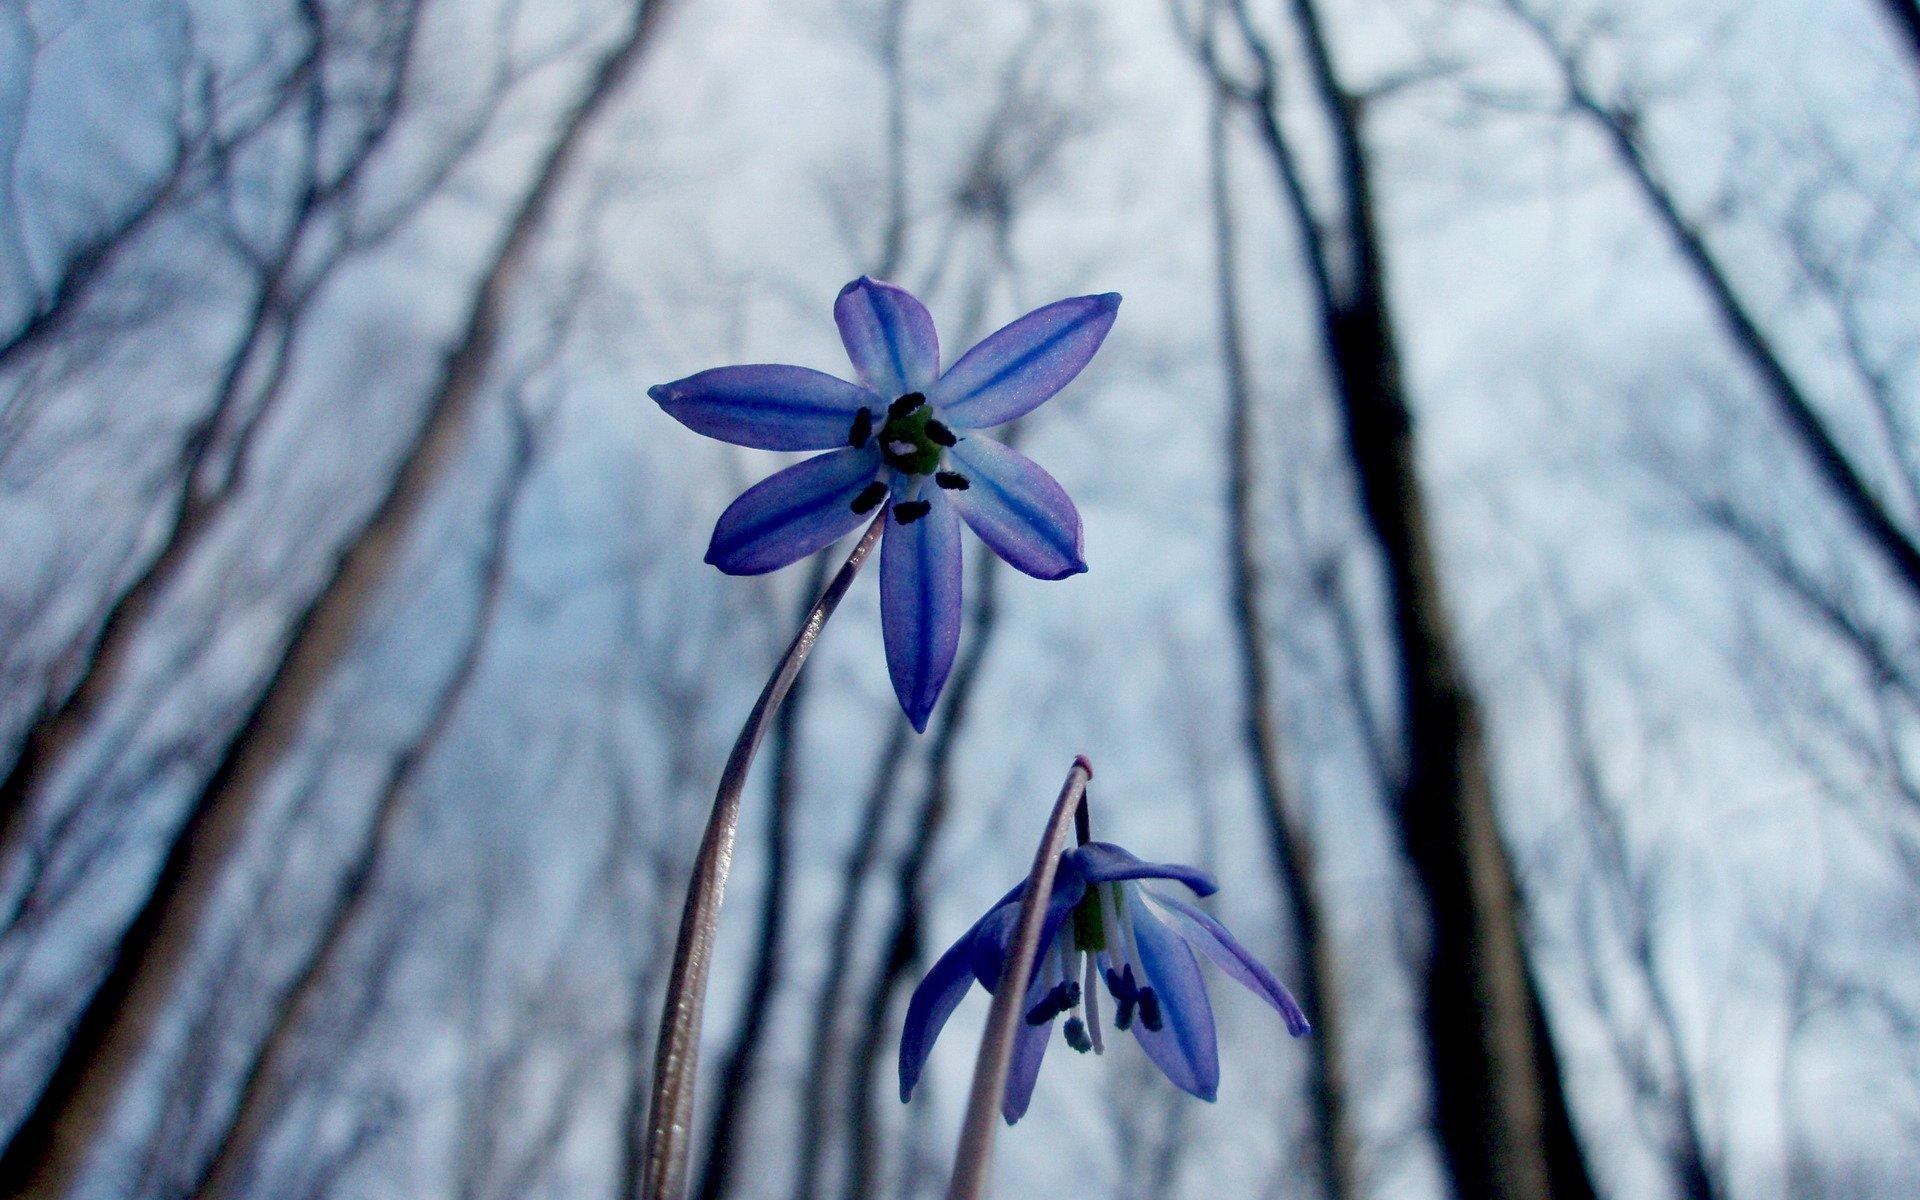 обои на телефон лесные цветы связано оптовыми поставками